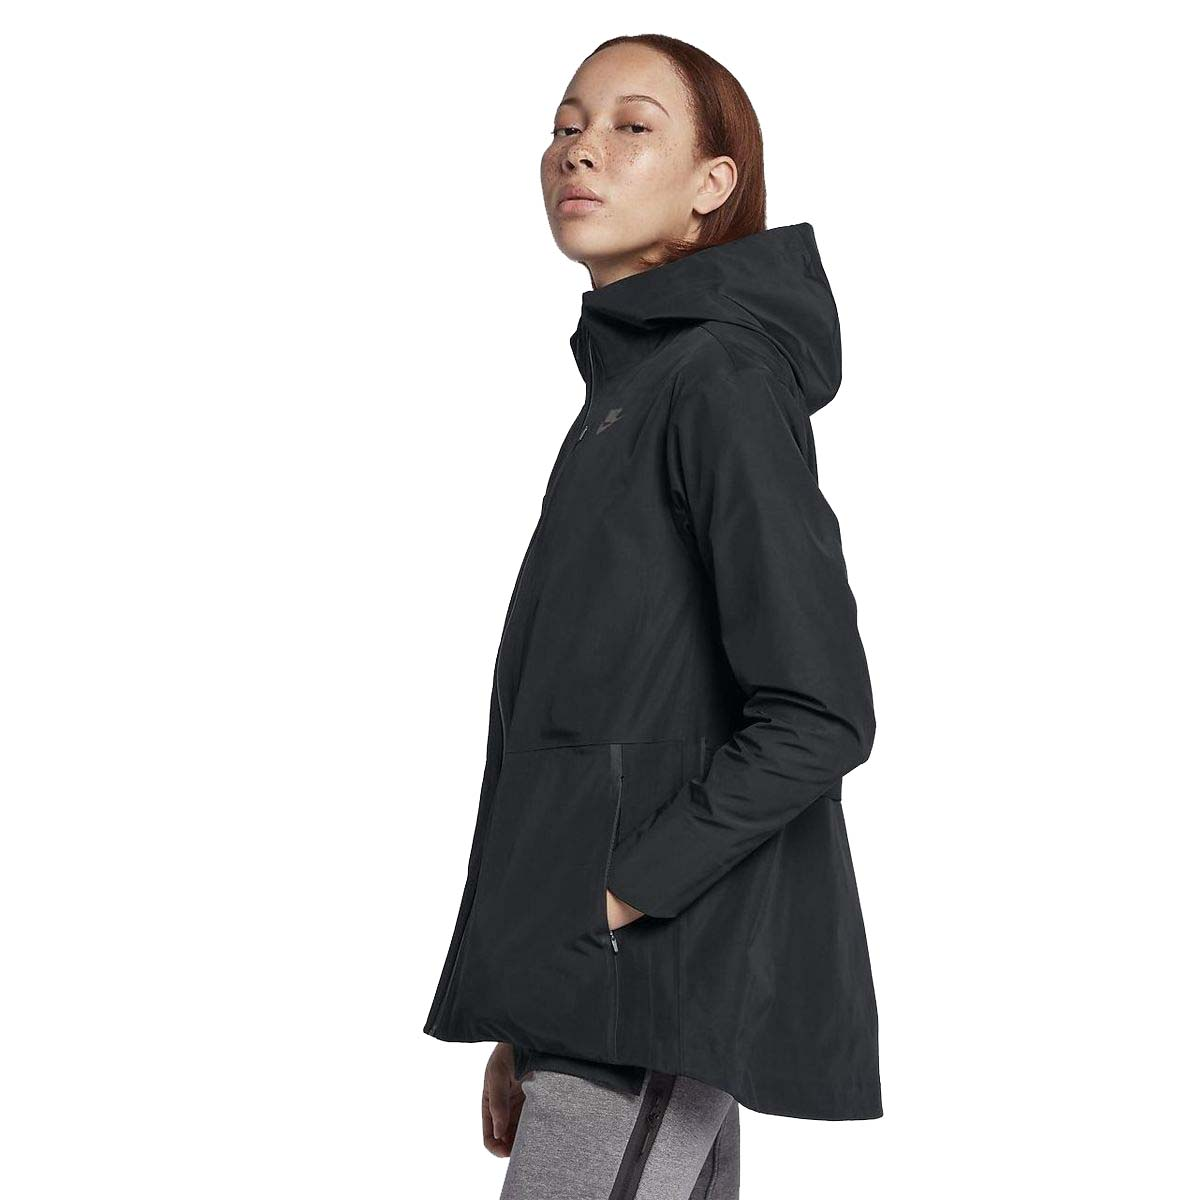 cb1b7e1a666 Nike Women s Sportswear Tech Hooded Woven Jacket-Black